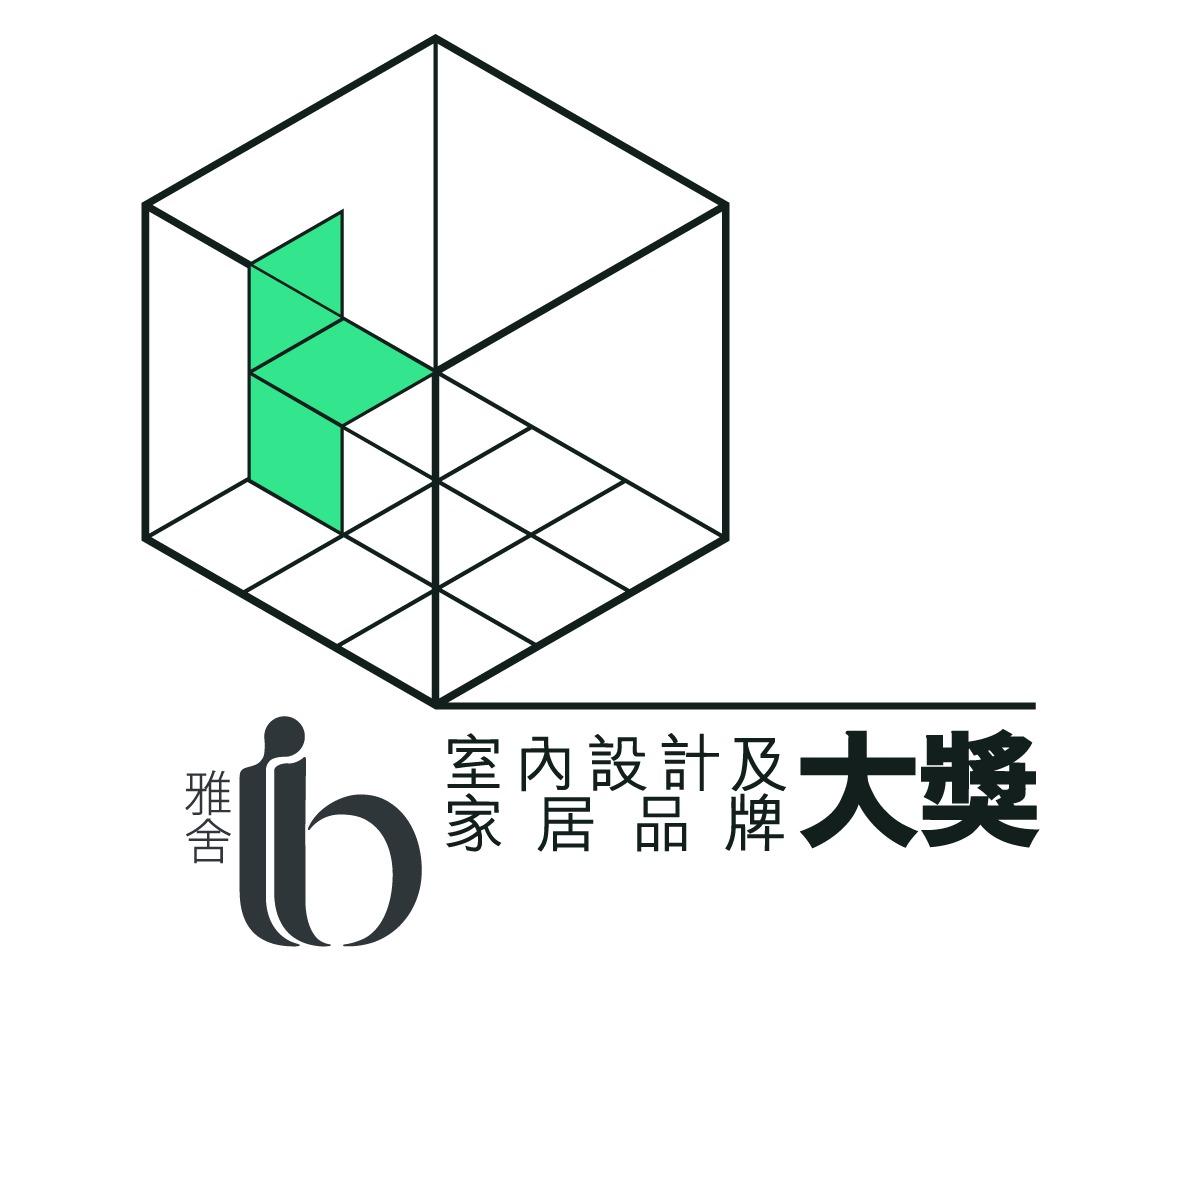 Astro-Top-Brand-Award-2015-Hong-Kong2